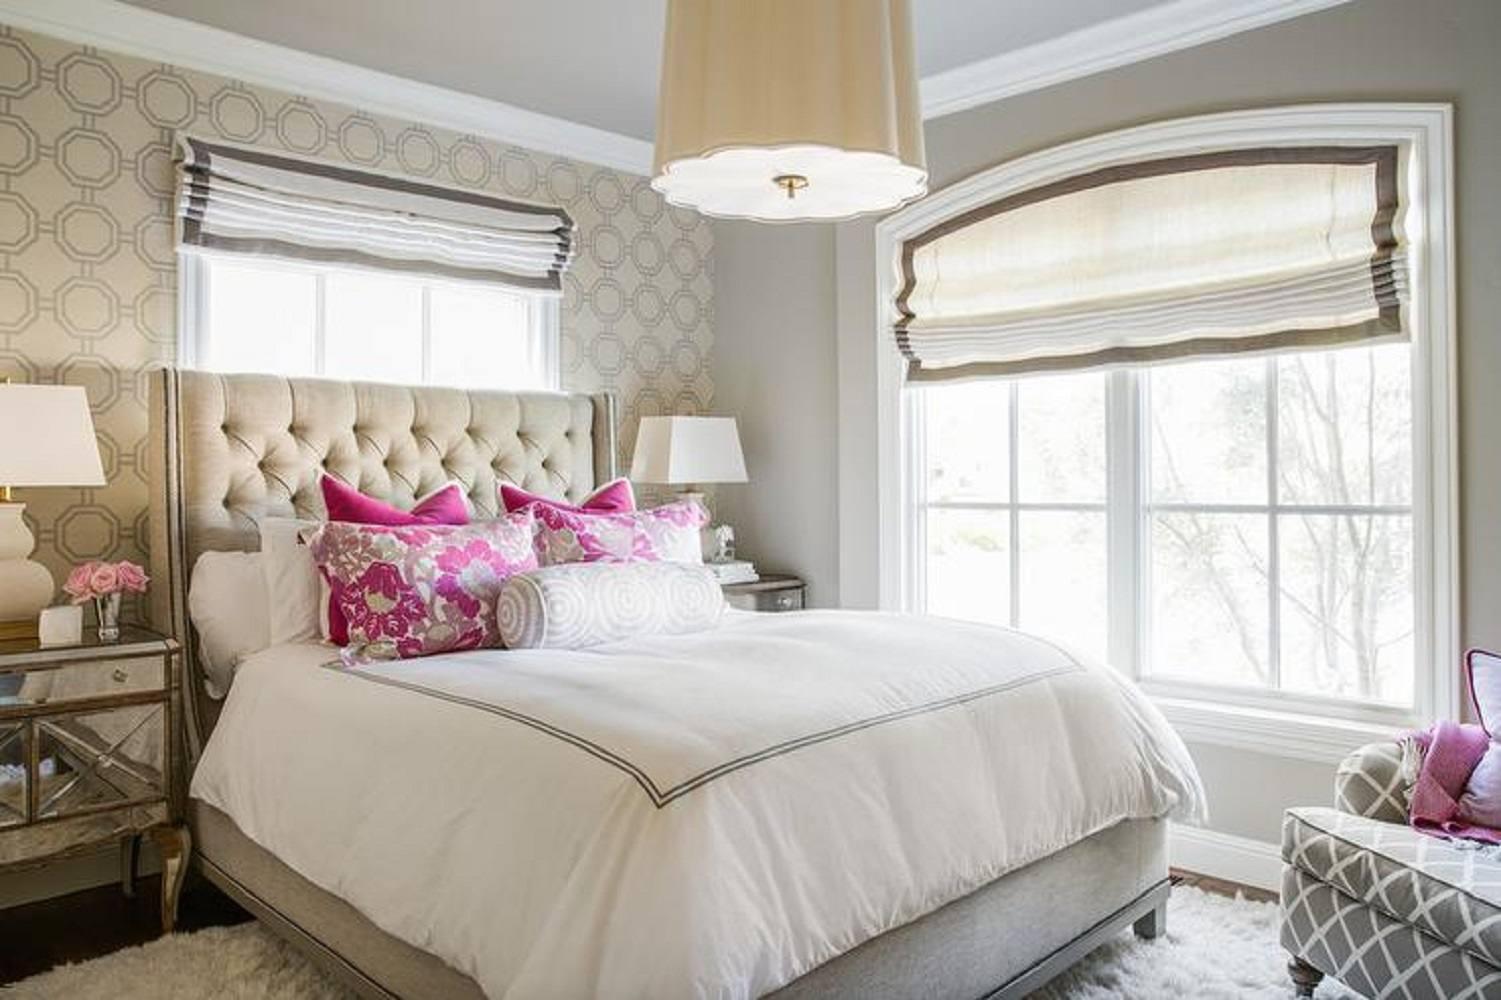 Thiết kế phòng ngủ với chiếc giường cực kỳ em ái là nơi ngỉ ngơi lý tưởng cho bạn sau một ngày dài